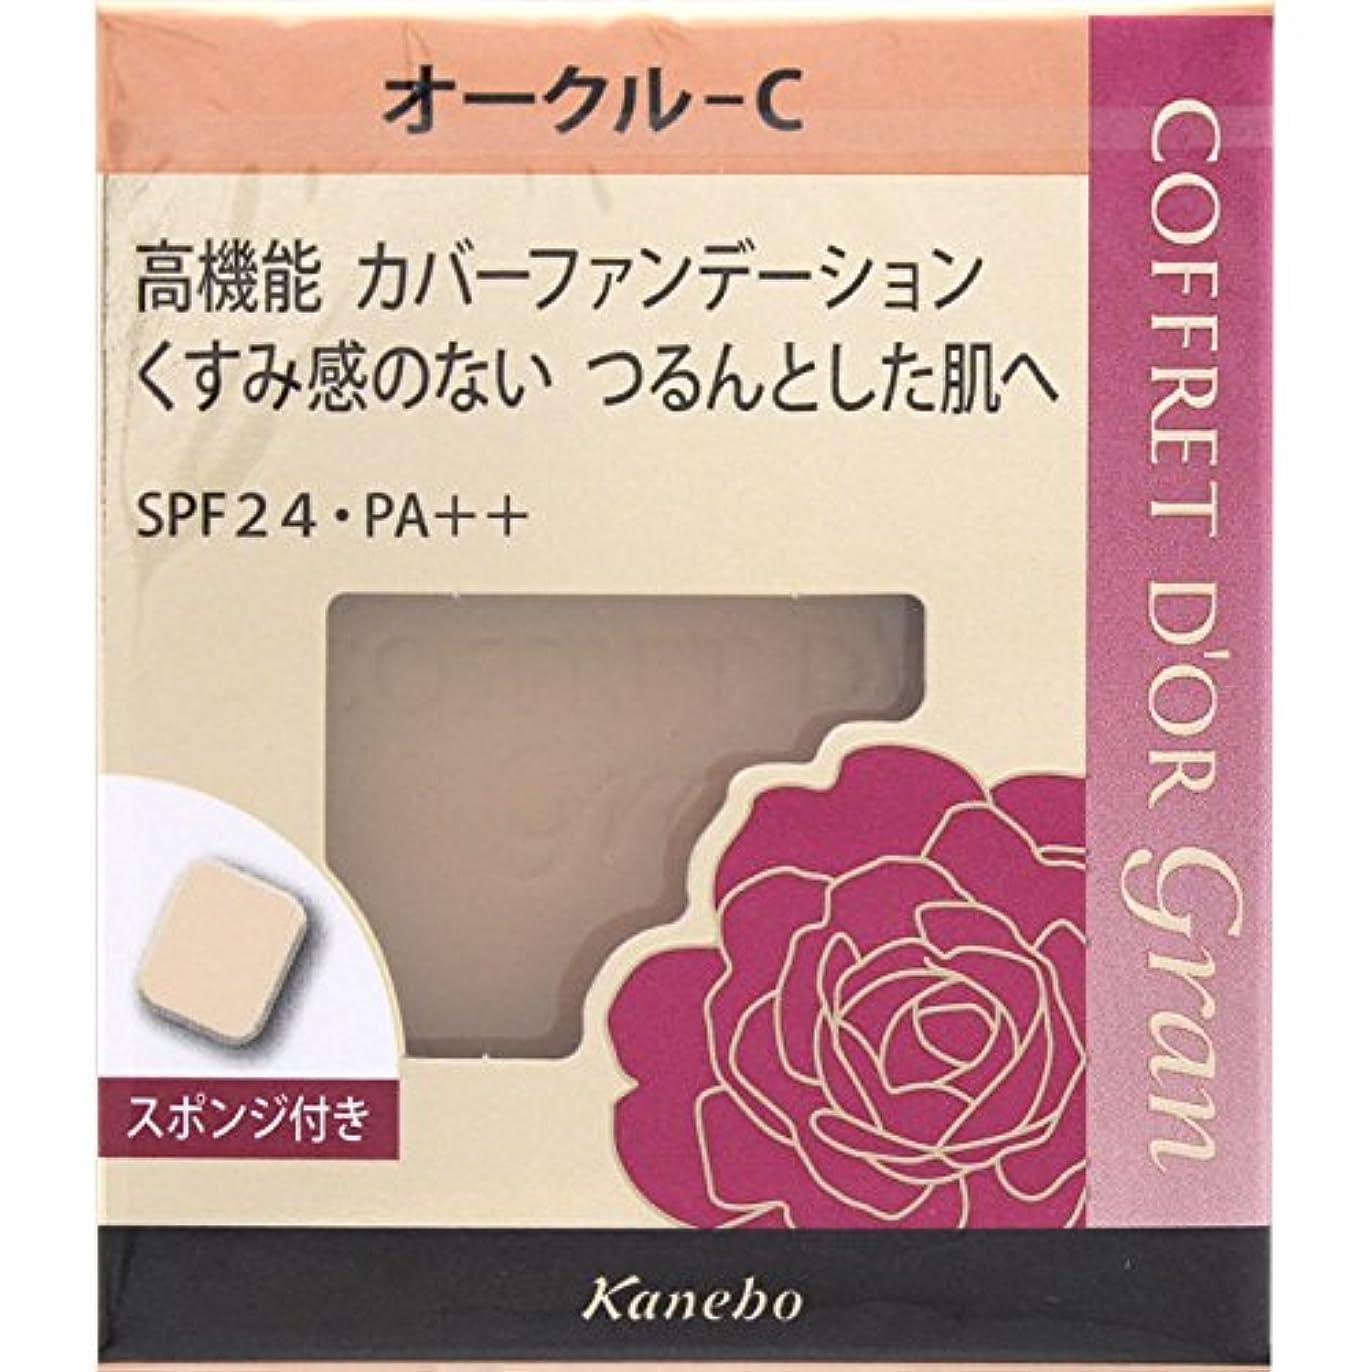 どっちでもオーバーヘッドかまどカネボウ(Kanebo) コフレドールグランカバーフィットパクトUVII《10.5g》<カラー:オークルC>